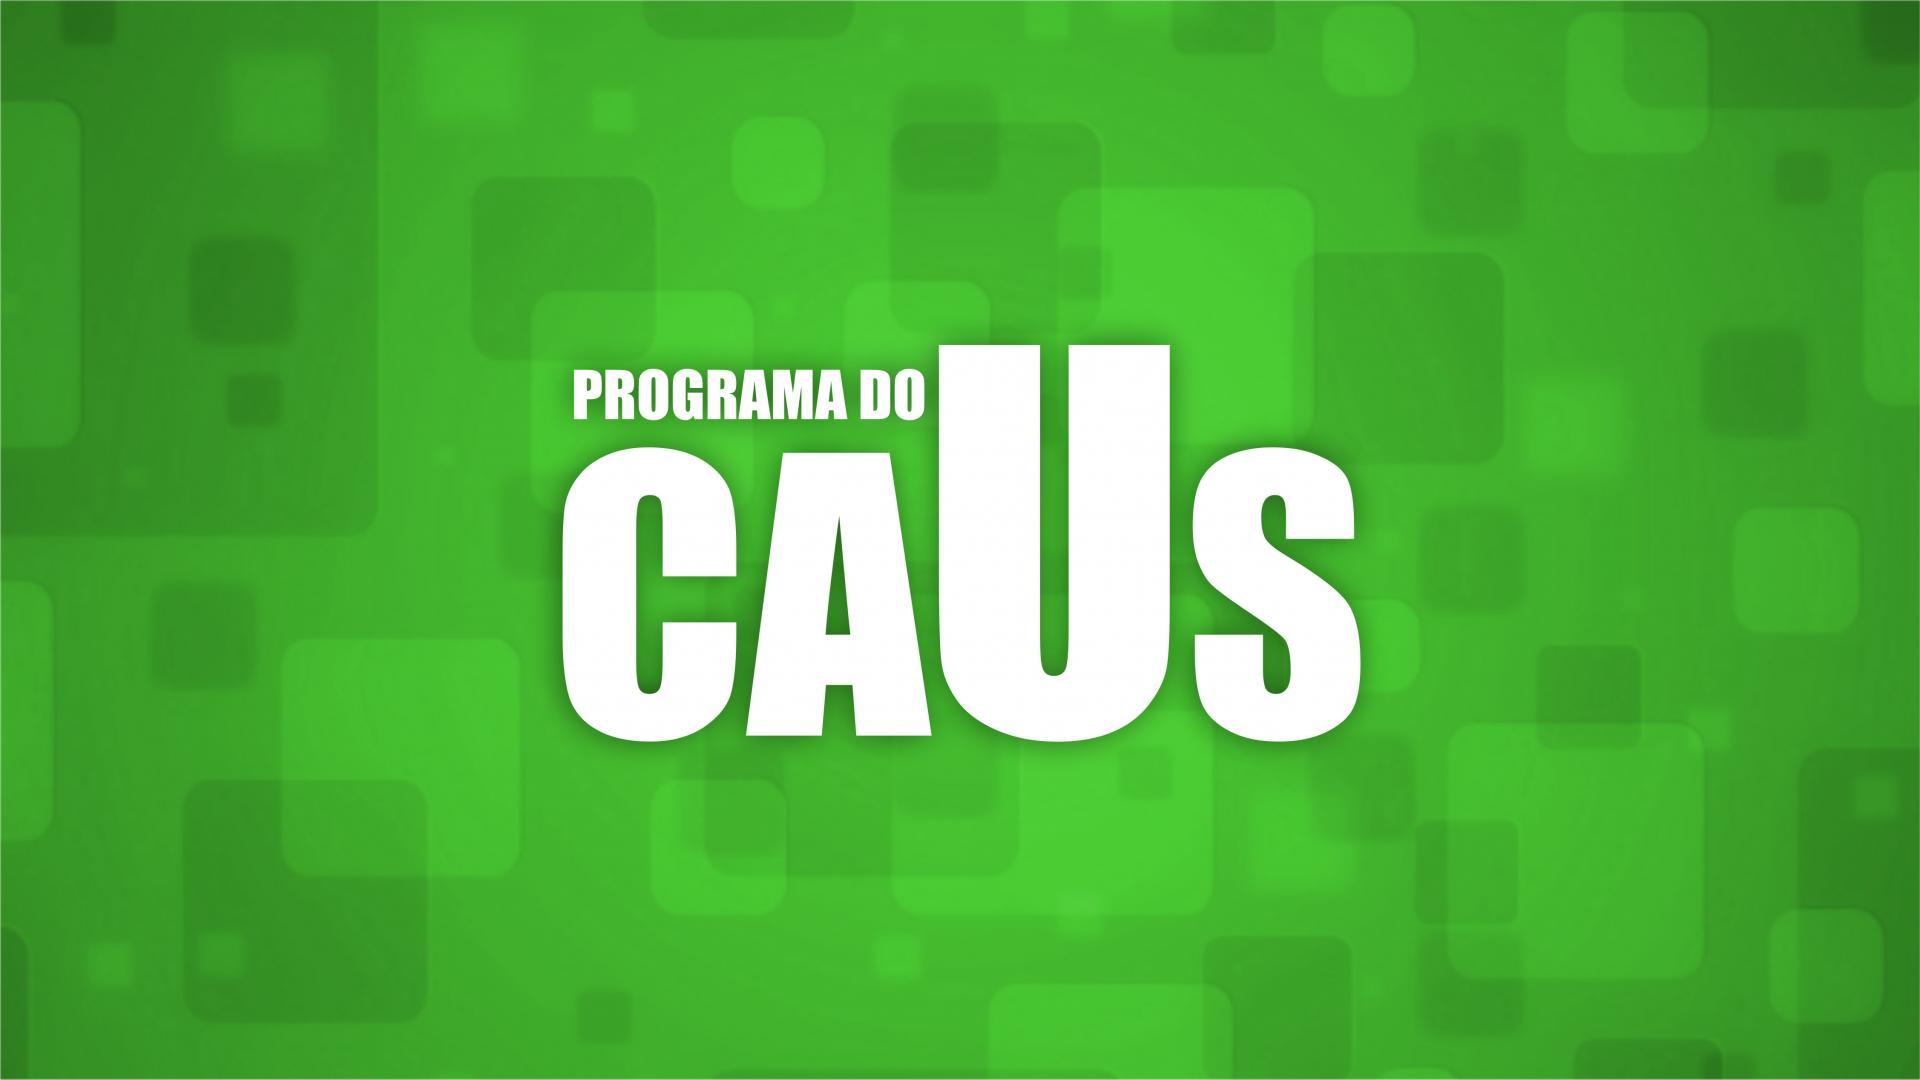 Programa do Caus 006